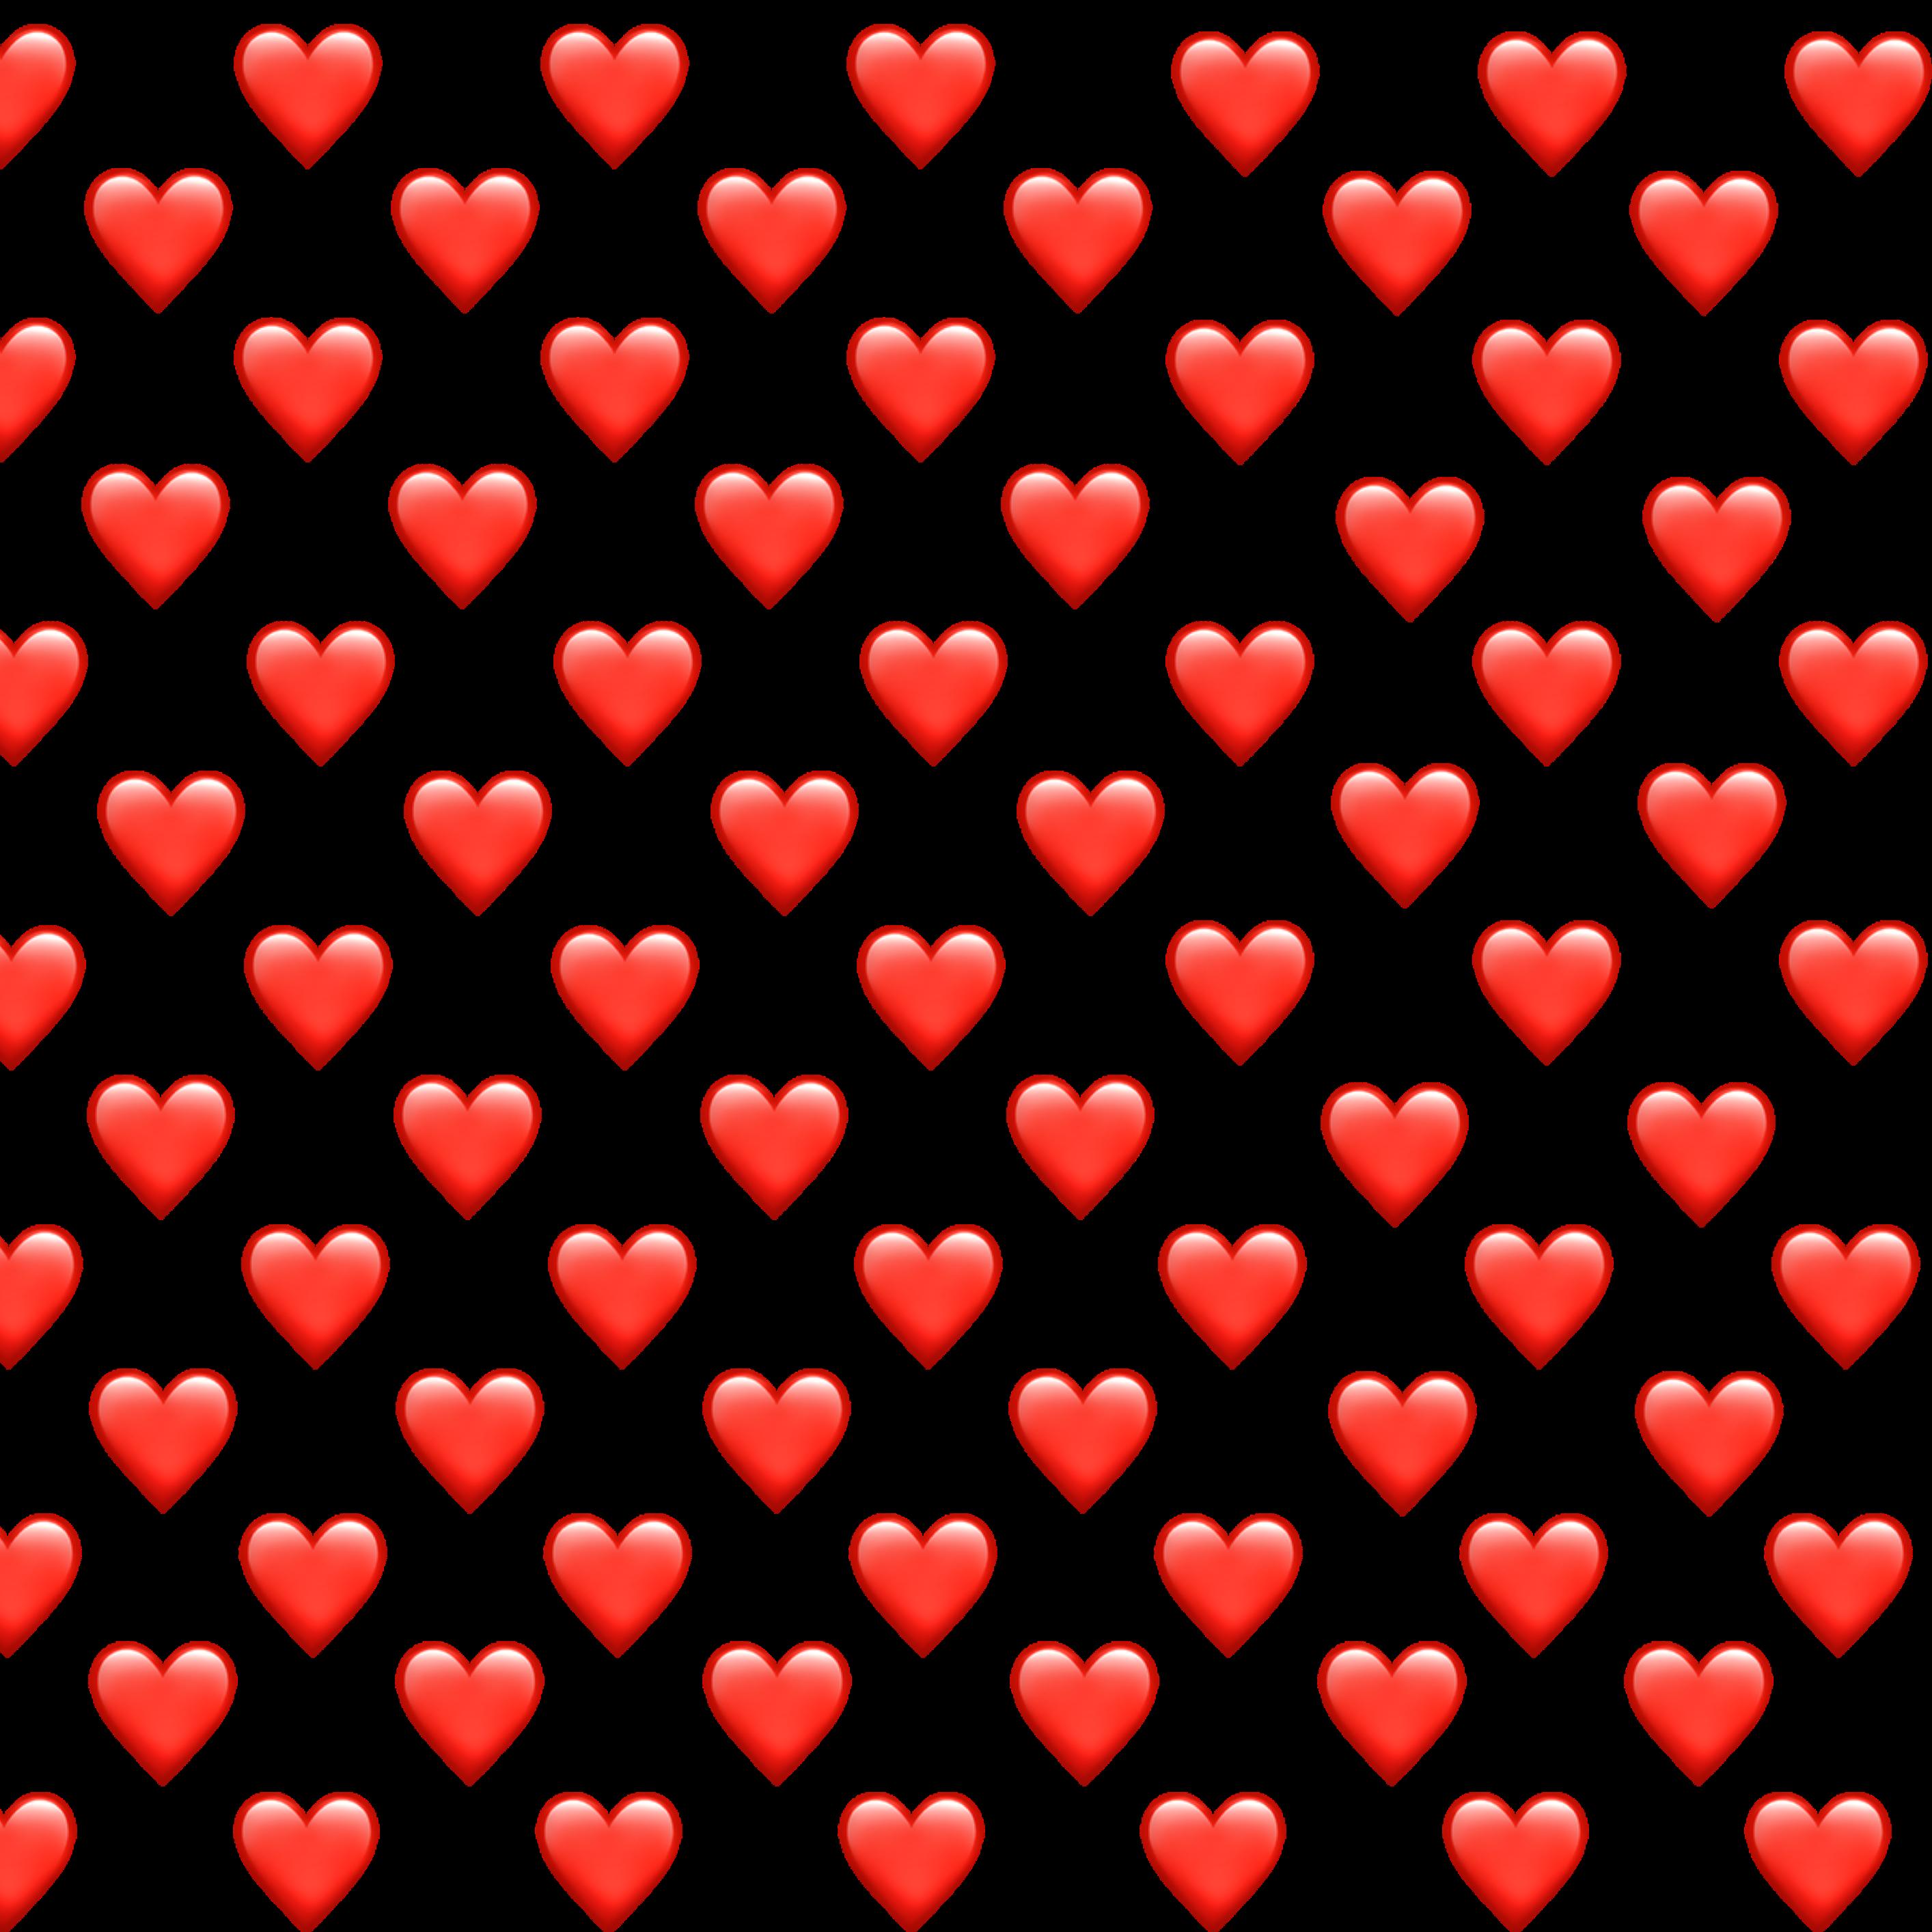 Картинки из сердечек смайликов скопировать